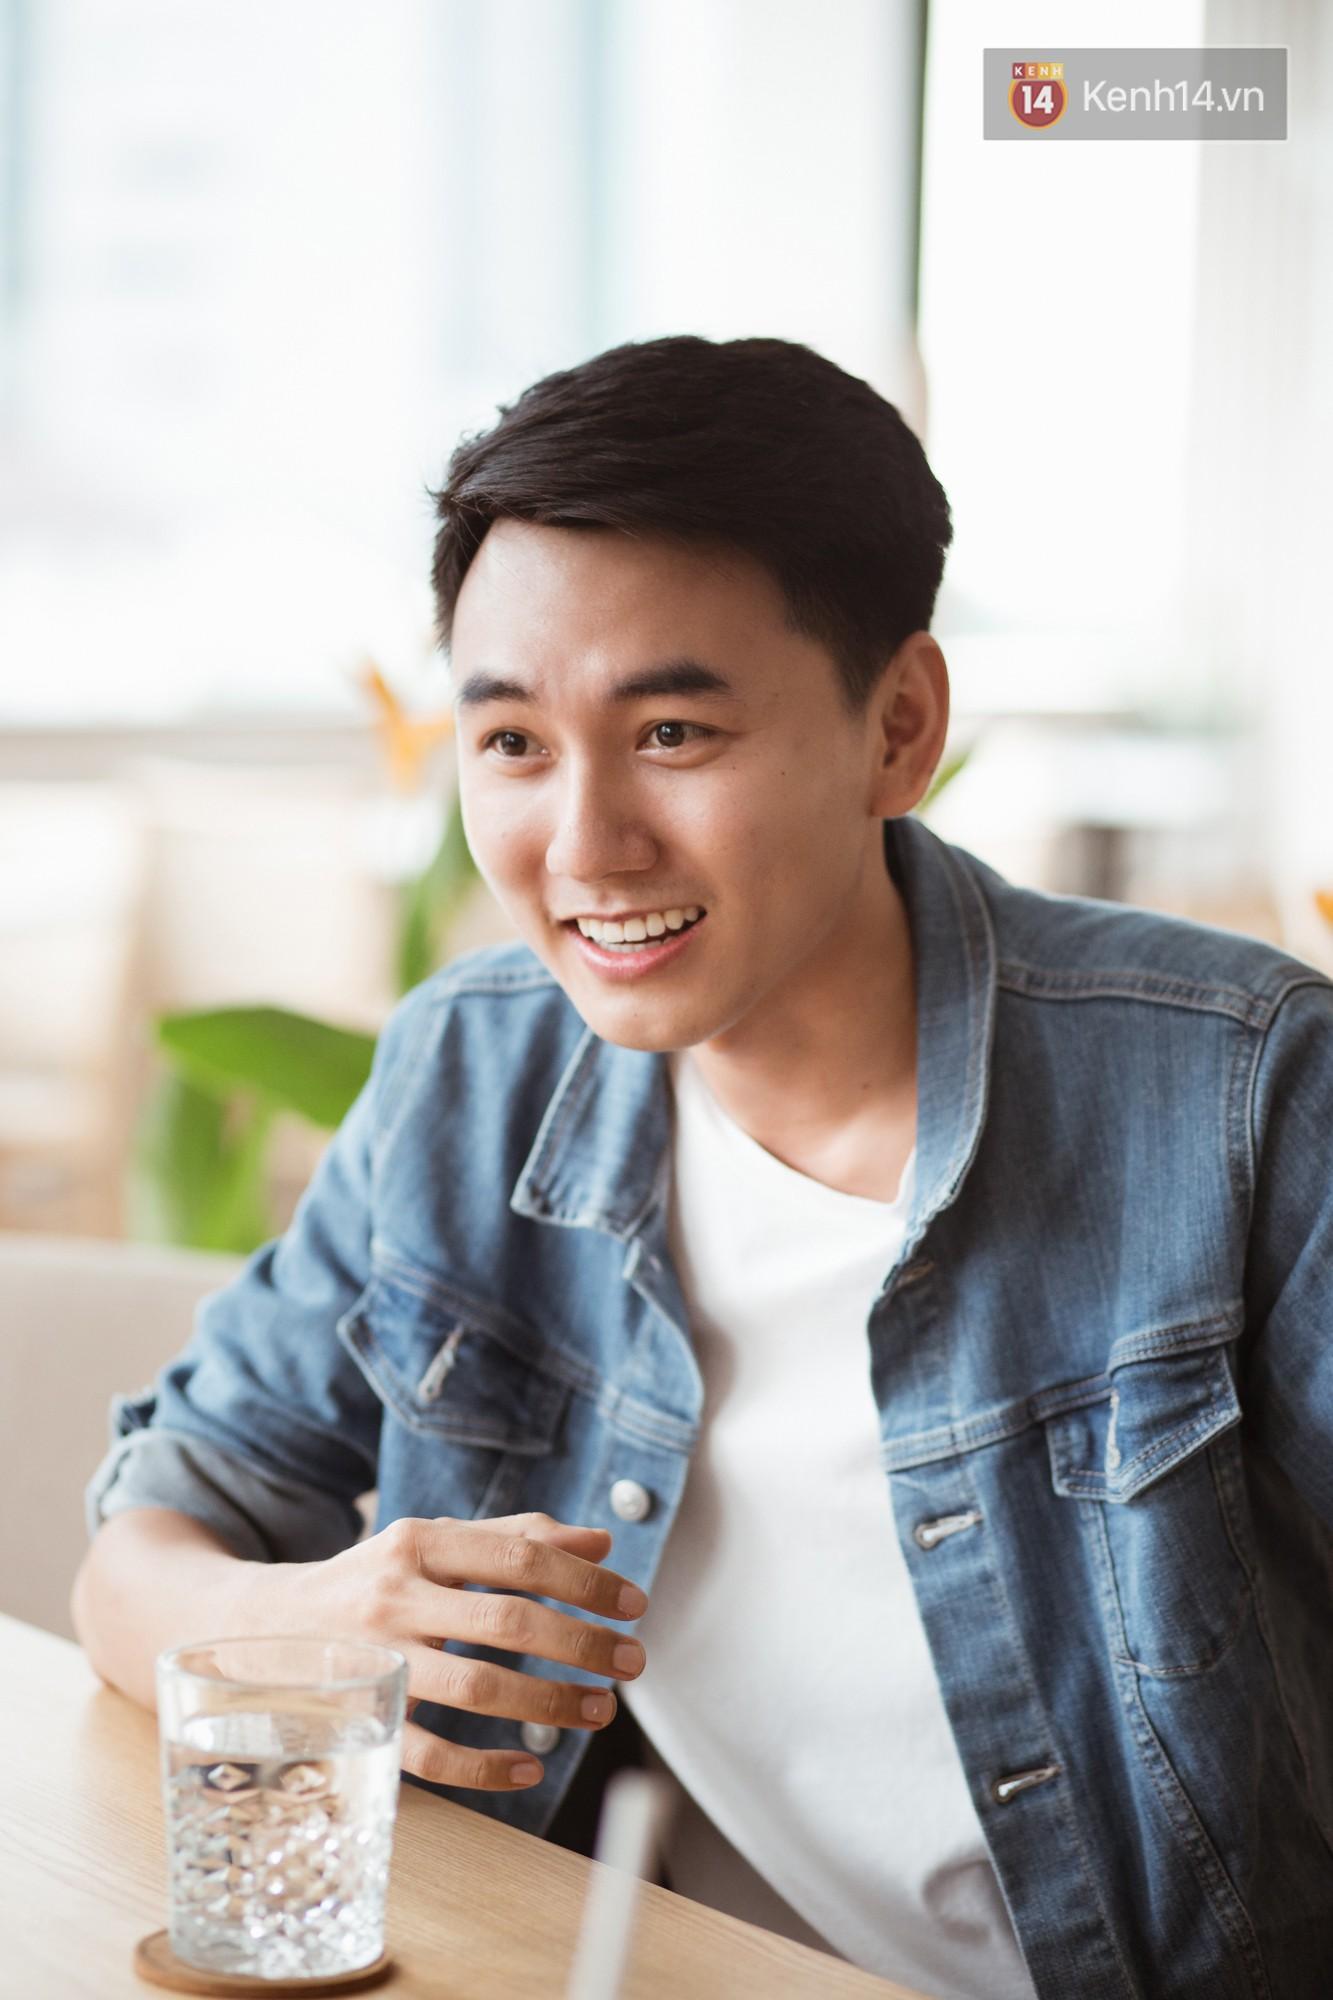 Blogger điển trai Khoai Lang Thang tiết lộ từng bị lừa tiền năm 18 tuổi, giàu hơn rất nhiều khi bỏ nghề kỹ sư để làm du lịch - Ảnh 9.